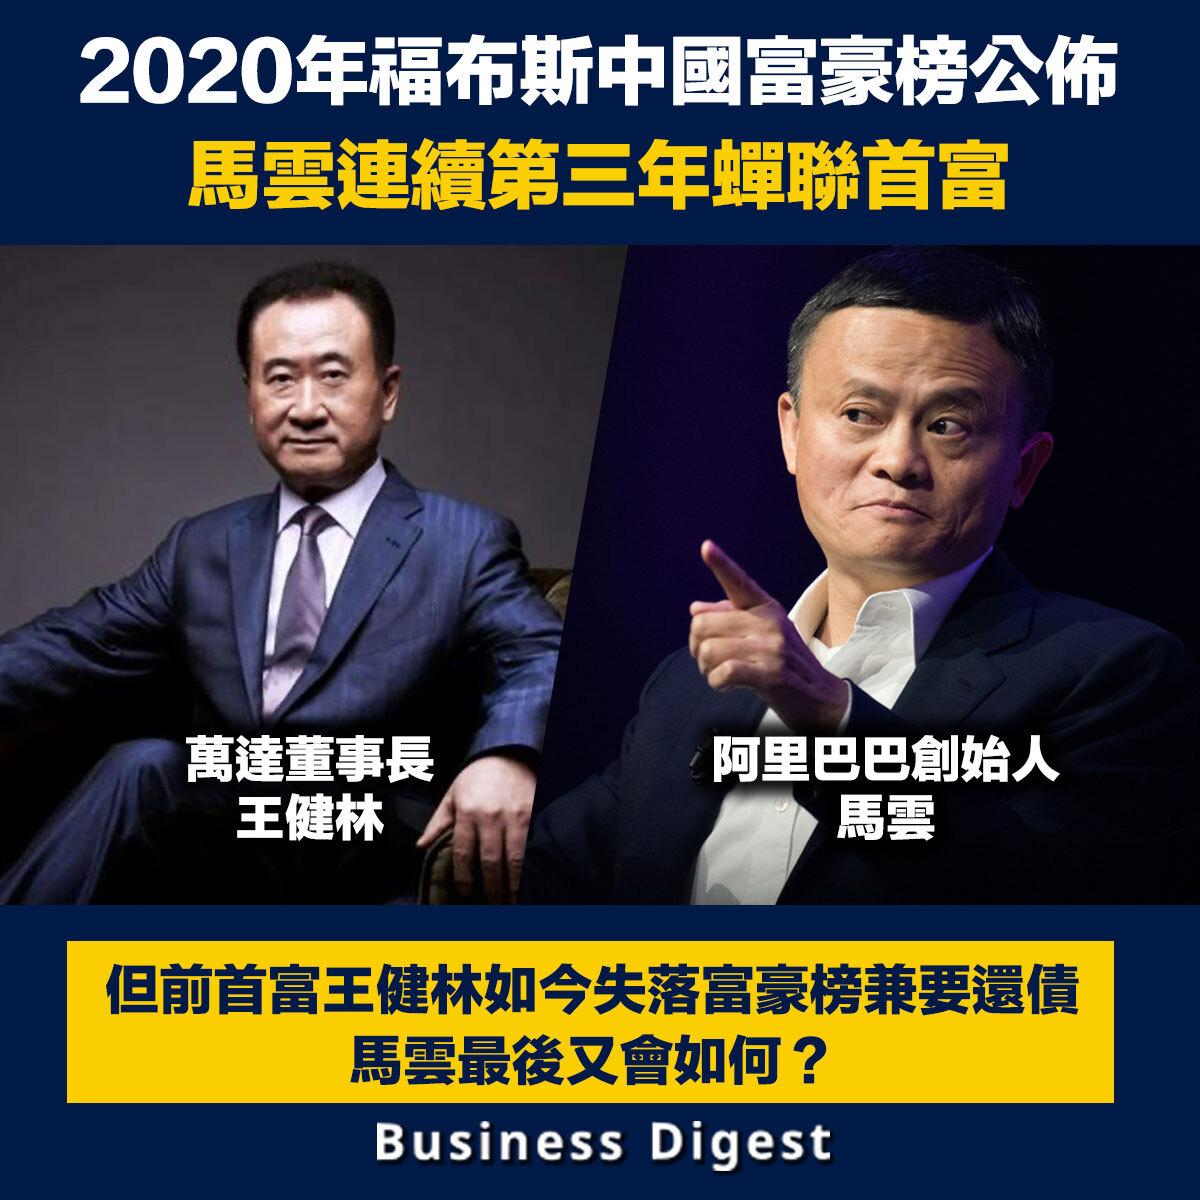 福布斯中國公佈最新一年度中國富豪榜,「雙馬」馬雲、馬化騰仍保持冠亞軍,馬雲更連續第三年奪冠